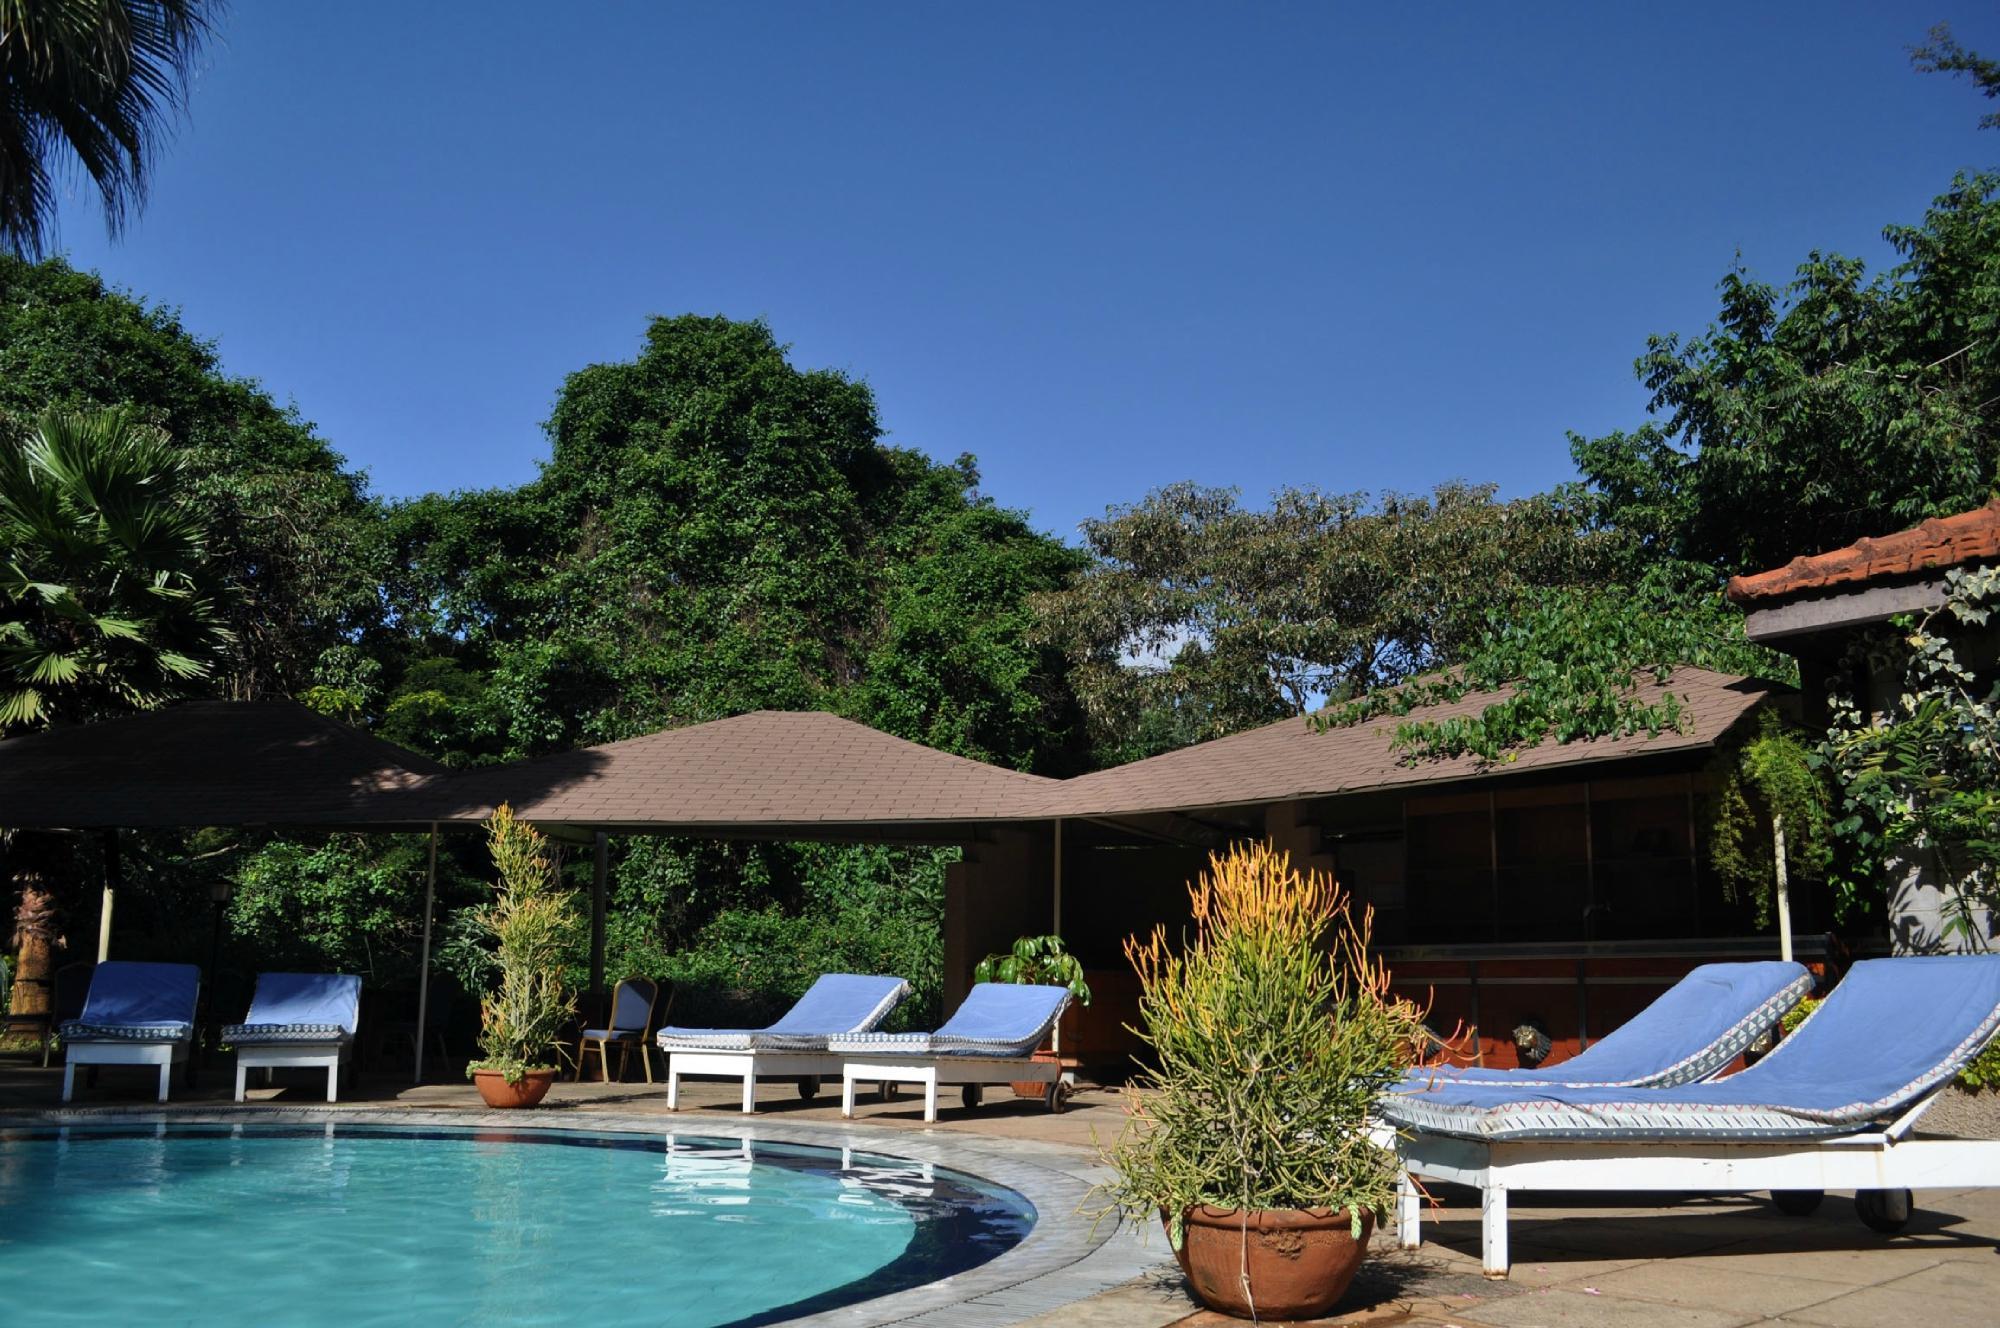 Hotel LaMada